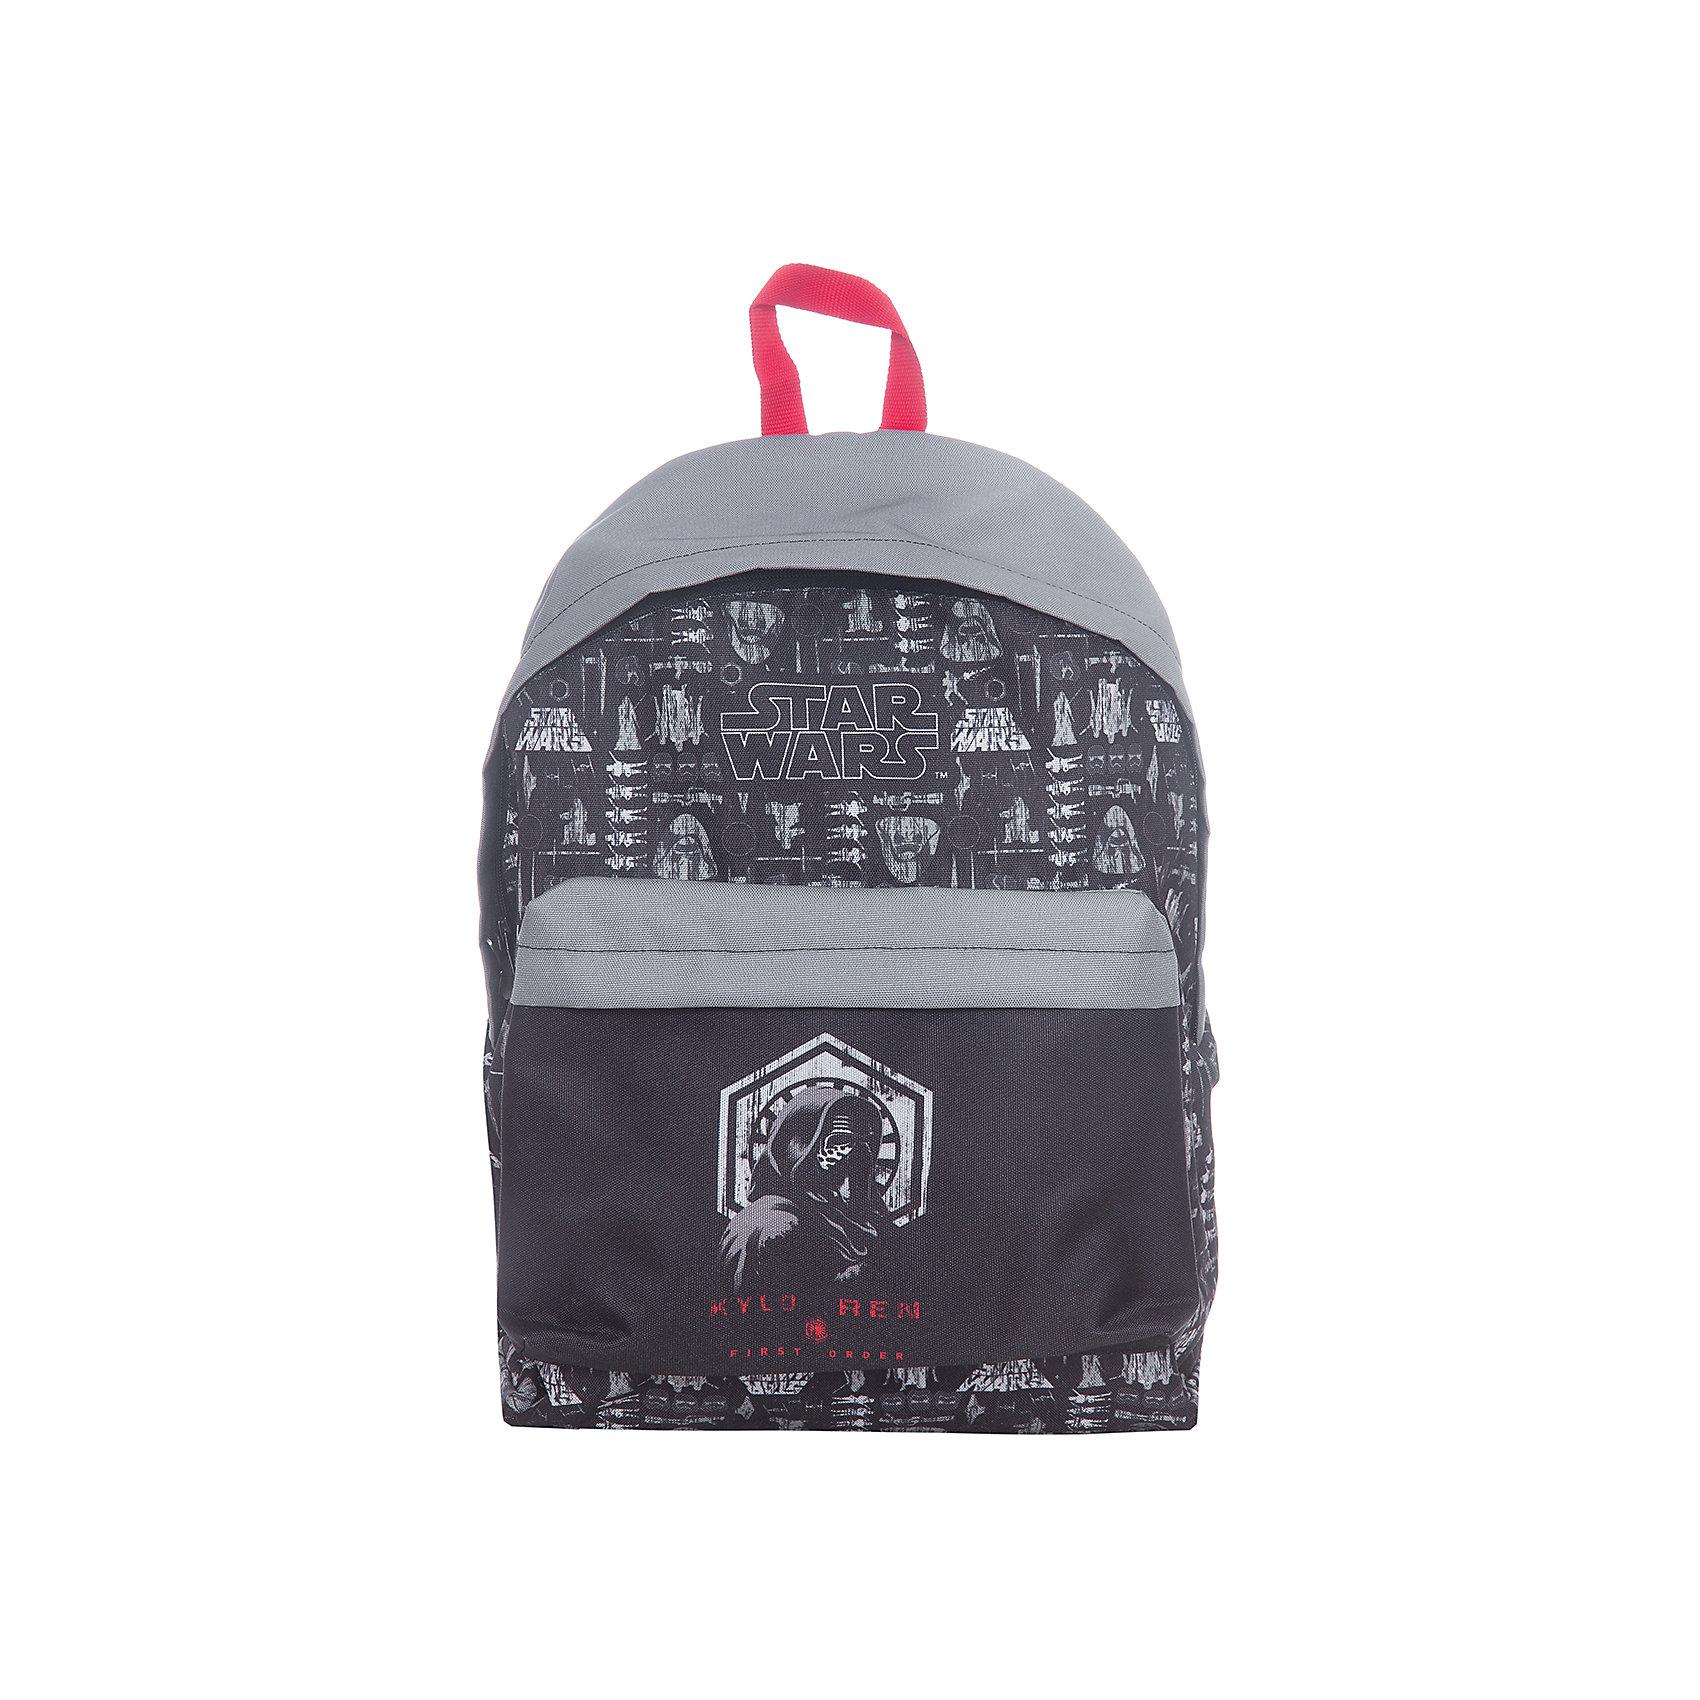 Рюкзак молодежный Звездные Войны Решающая битваЗвездные войны Рюкзаки, ранцы и сумки<br>Характеристики товара:<br><br>• серия: EasyGo<br>• коллекция: Star Wars<br>• для средней школы<br>• цвет: черный<br>• материал: полиэстер, пластик<br>• спинка с уплотнителем и MESH-сеткой<br>• размер изделия: 40х39х18 см<br>• вес в кг: 350гр<br>• страна бренда: Германия<br>• страна изготовитель: Китай<br><br>Рюкзак молодежный ErichKrause EasyGo - практичный и легкий рюкзак для подростков, который подойдет для занятий спортом или прогулок. Рюкзак отличается своим небольшим весом, что позволяет носить его каждый день, не уставая. <br><br>Во внутреннем отделении помещаются папки формата А4, предусмотрен органайзер для канцелярских принадлежностей, кармашек для телефона и брелок для ключей.<br><br>Уплотненная спинка для ровной осанки, мягкие регулируемые лямки для комфортной носки и распределения веса, водонепроницаемый материал для защиты от влаги и загрязнений.<br><br>Erich Krause Рюкзак молодежный  Звездные Войны Решающая битва можно купить в нашем интернет-магазине.<br><br>Ширина мм: 400<br>Глубина мм: 350<br>Высота мм: 180<br>Вес г: 348<br>Возраст от месяцев: 72<br>Возраст до месяцев: 96<br>Пол: Мужской<br>Возраст: Детский<br>SKU: 6842783